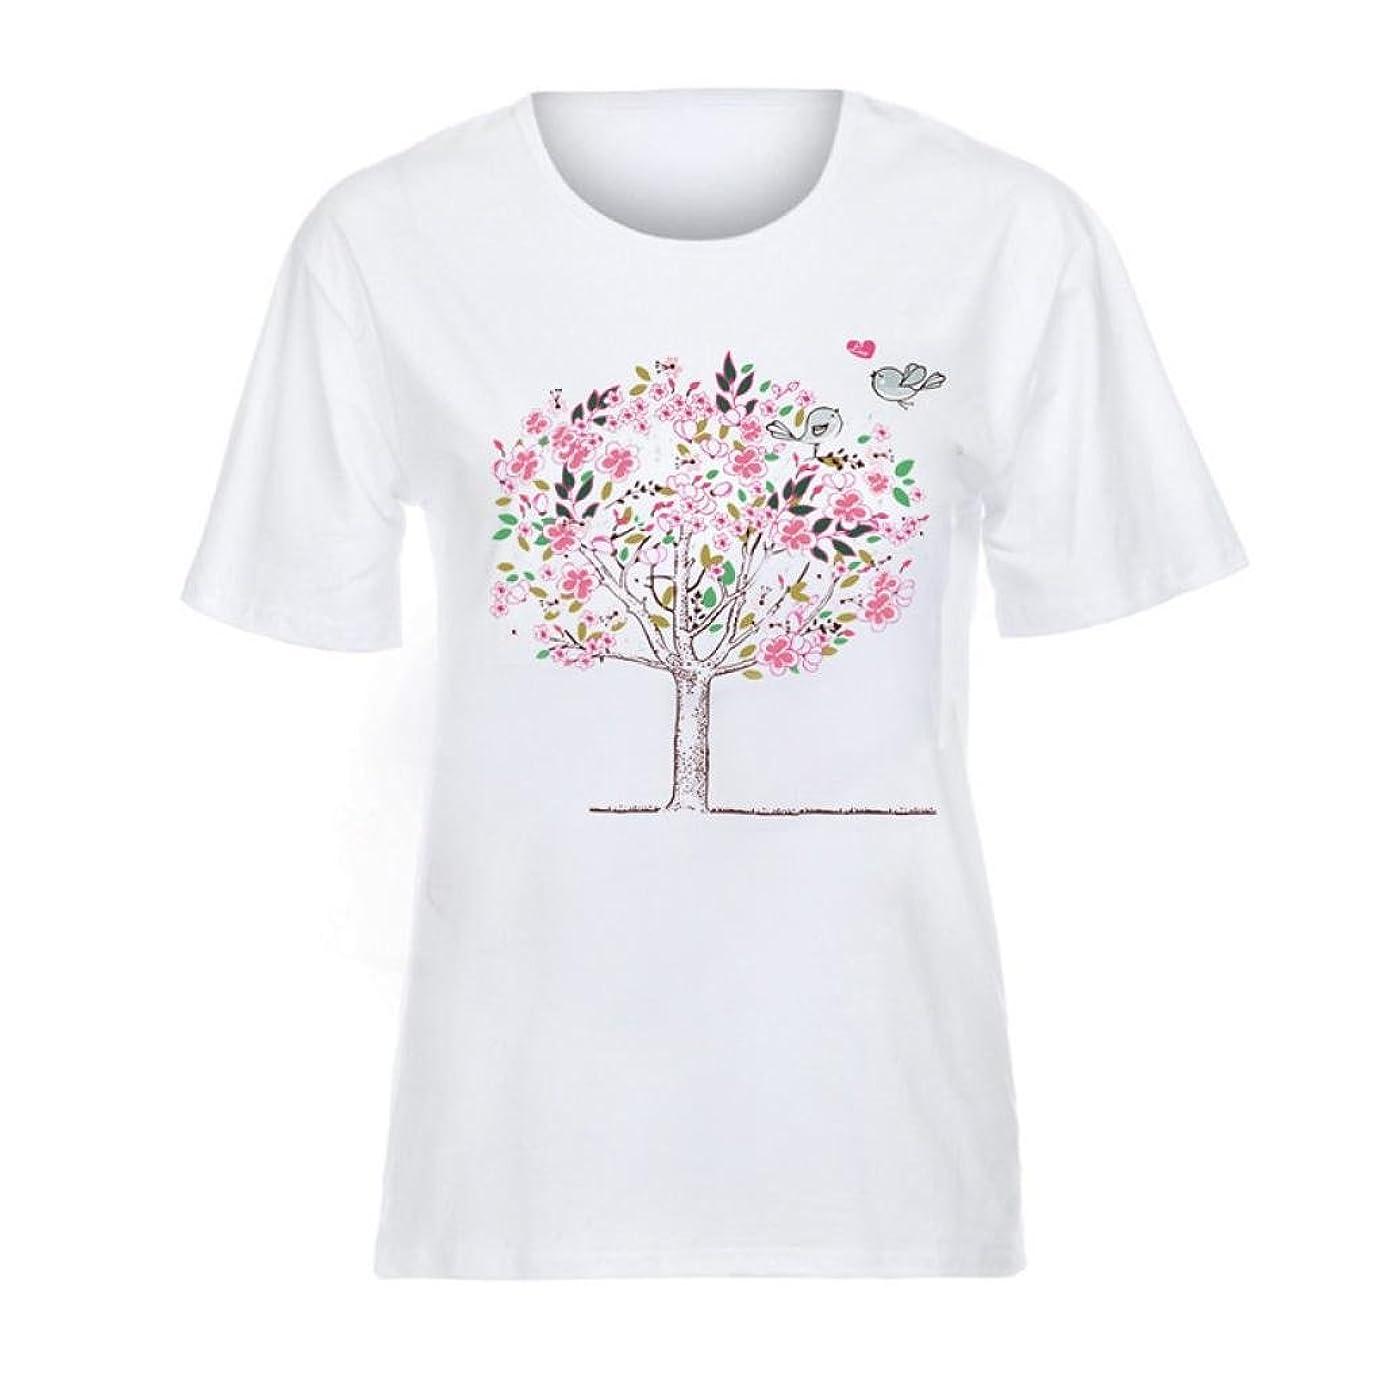 ウェーハスタジオ味方SakuraBest 女性ショートスリーブツリープリントトップスカジュアルルーズホワイトTシャツ